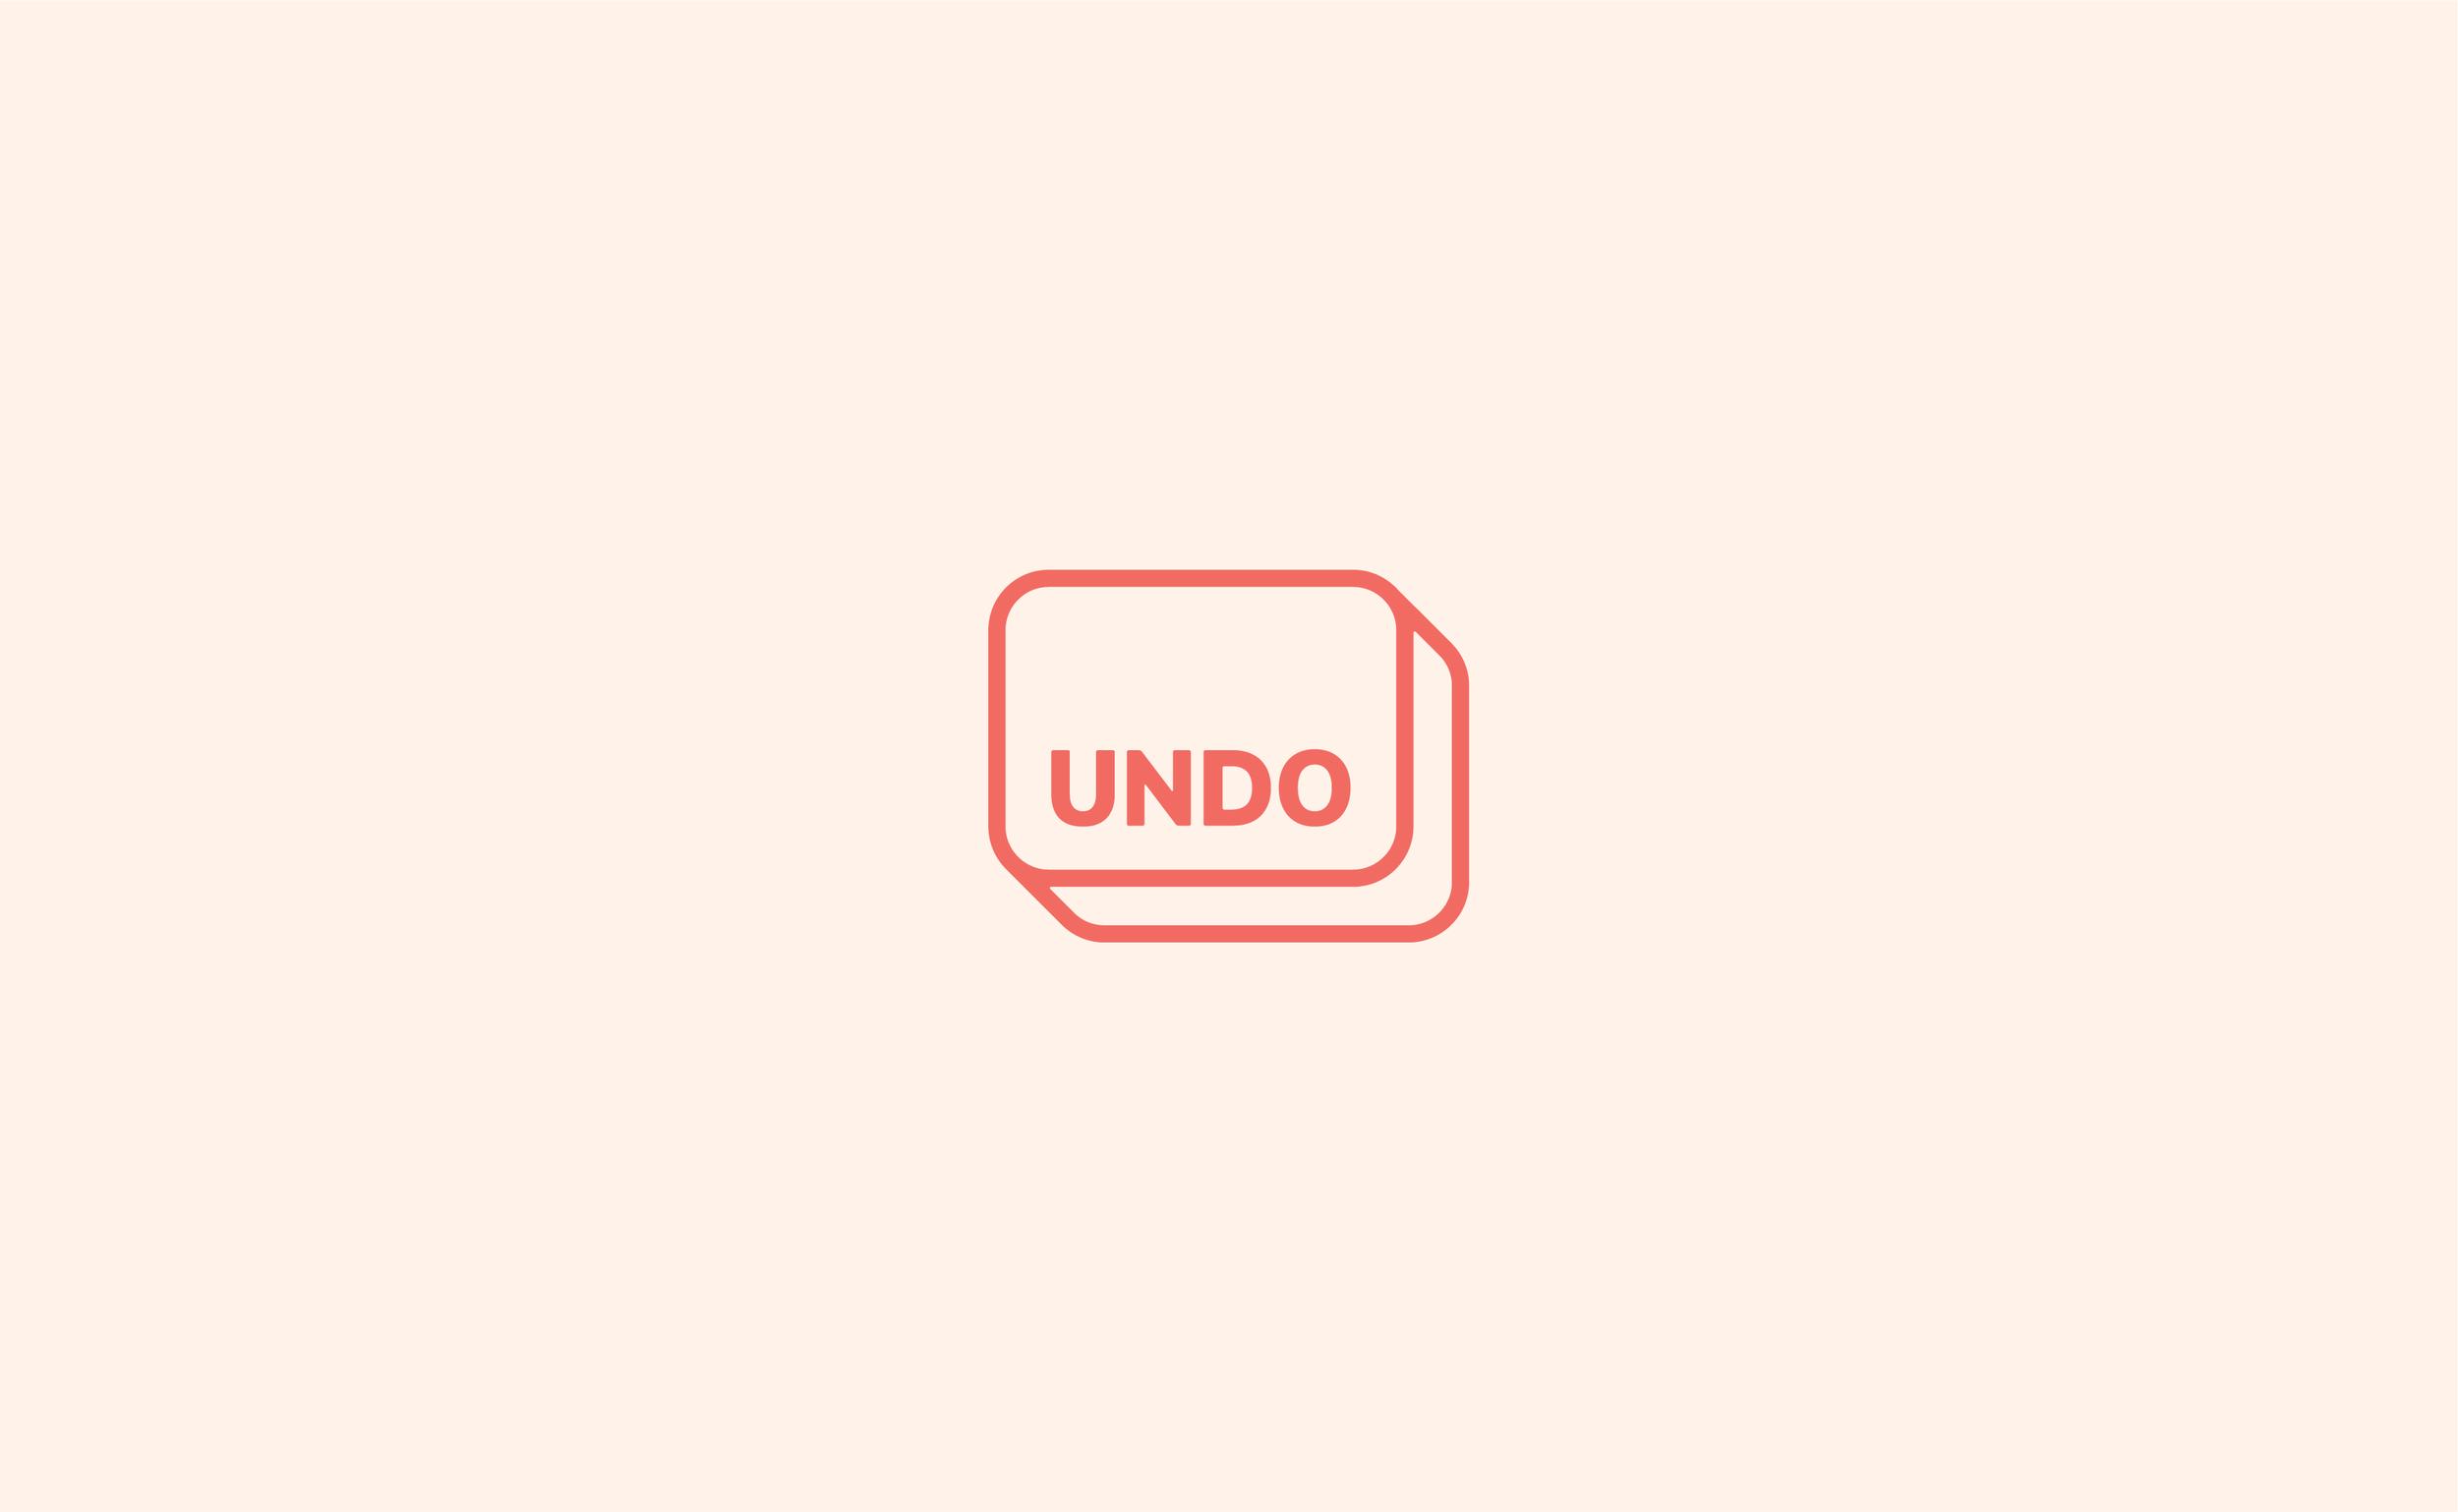 UNDO PRIMARY LOGO